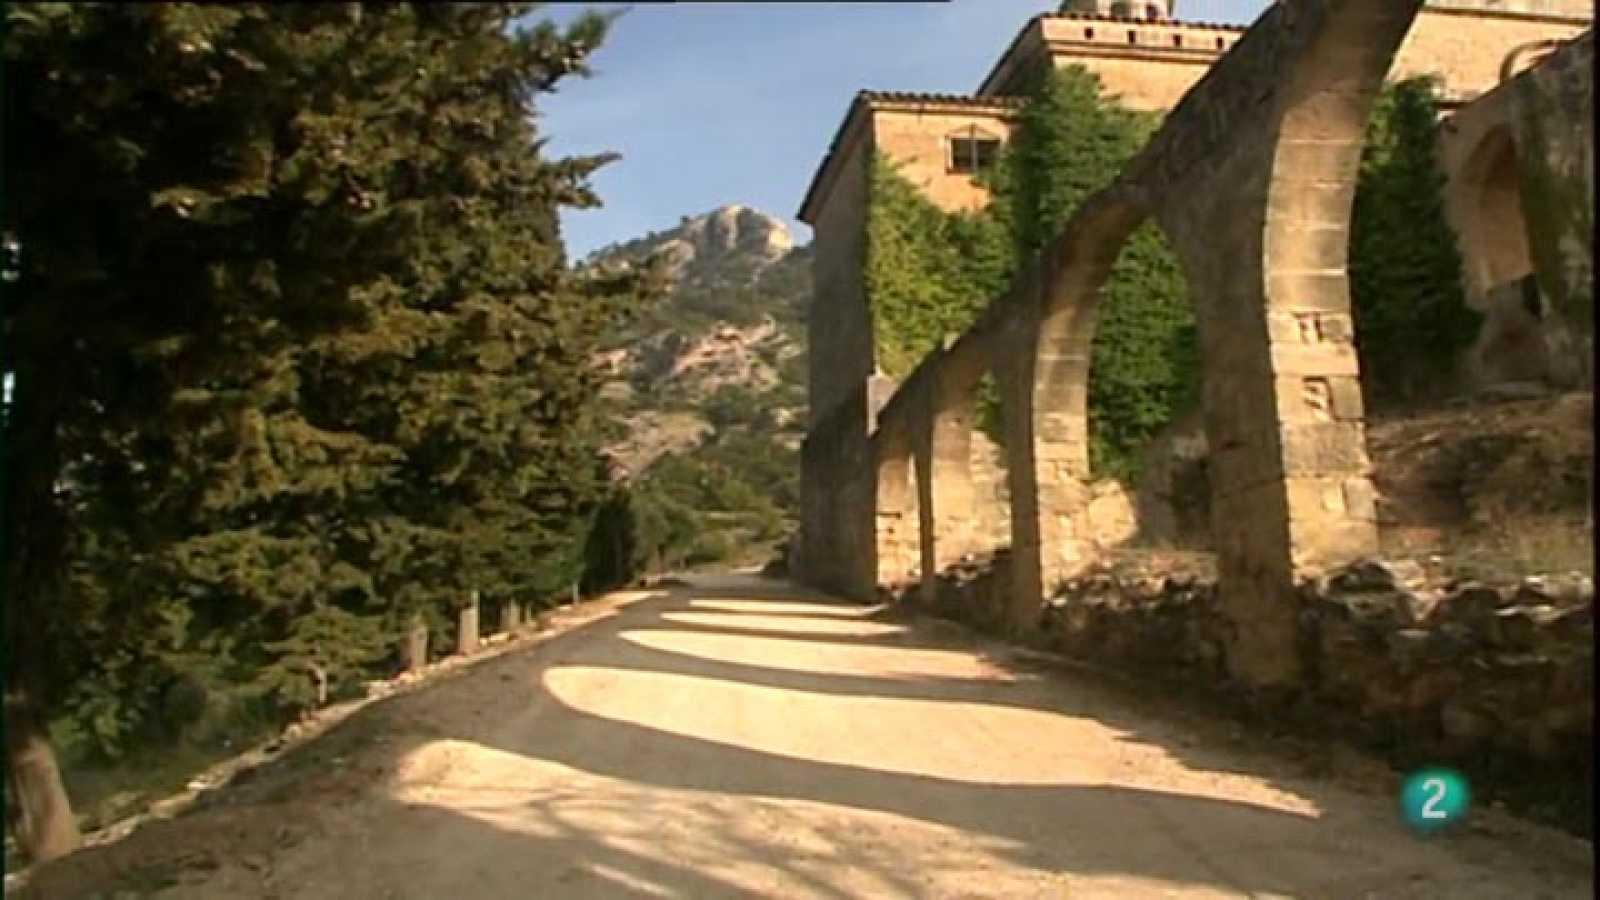 Els camins de la calma - Horta de Sant Joan